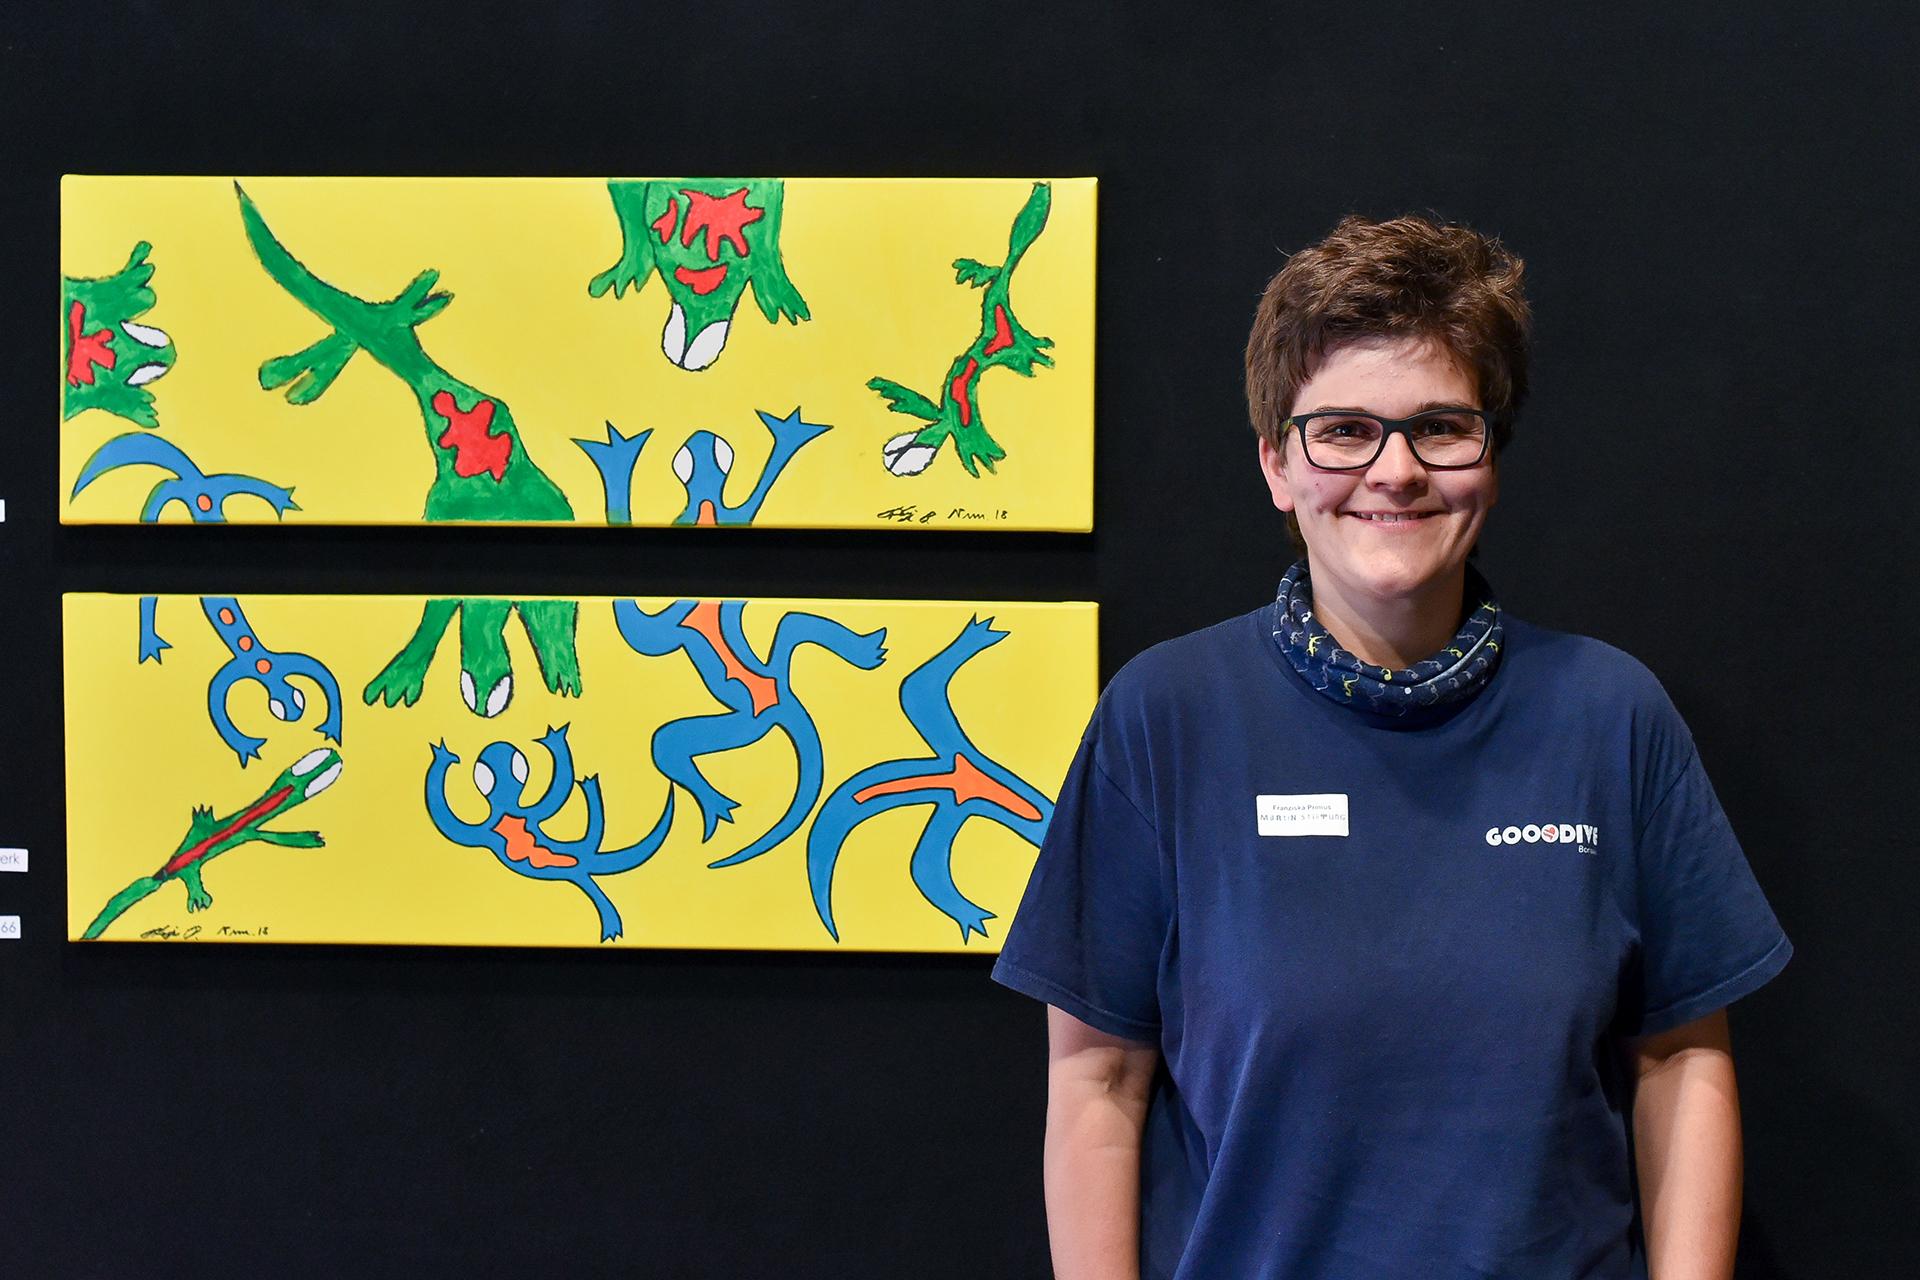 Bewohnerin und Künstlerin der Martin Stiftung neben ihren zwei Bildern bei der Ausstellung Eigenwillig.